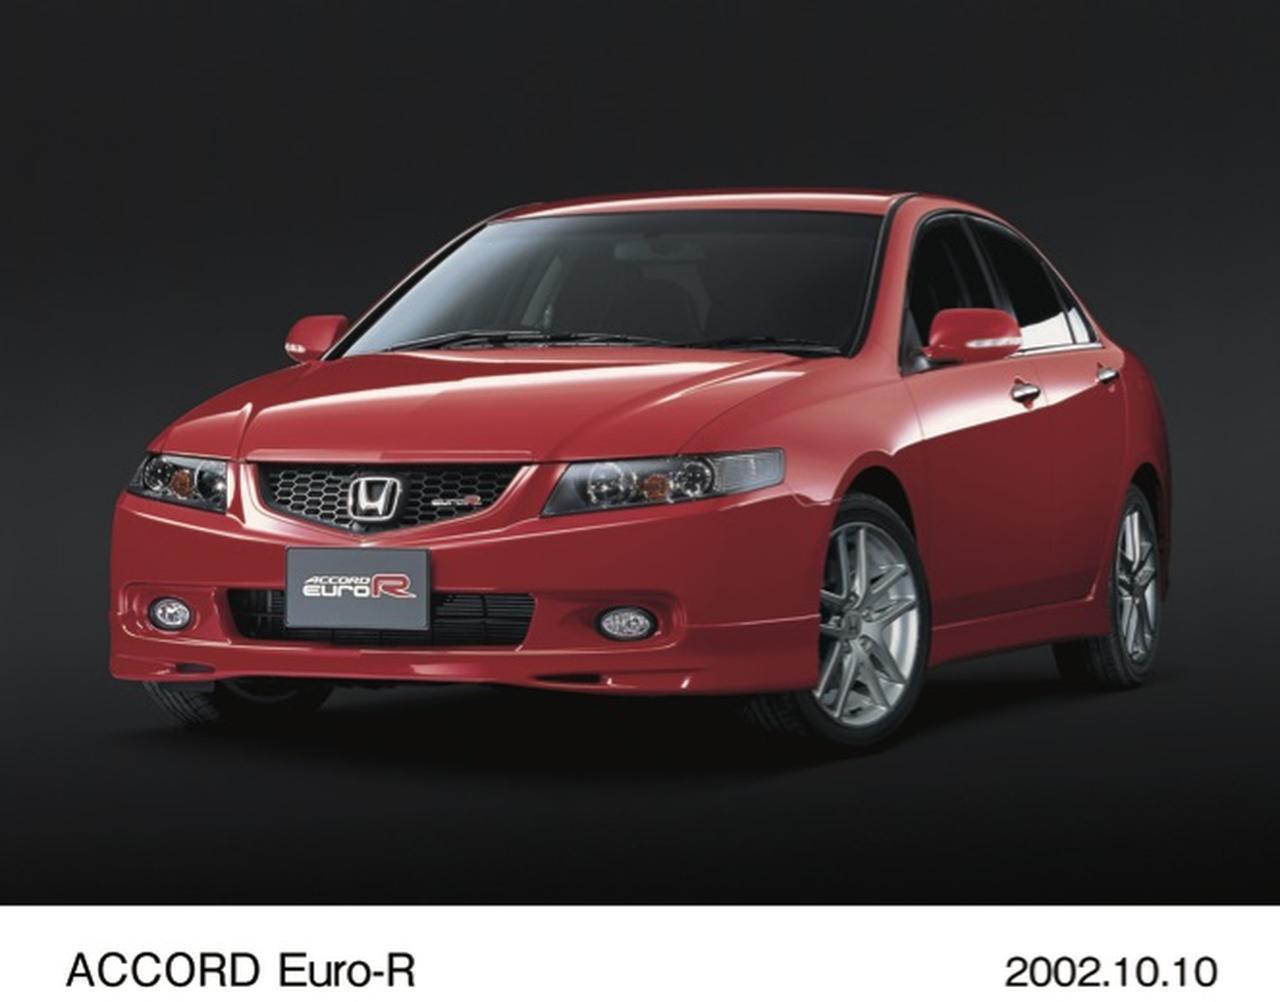 画像: マニアが語る、「ホンダのエンジンの回転方向」のお話!【ホンダ偏愛主義vol.27】 - A Little Honda